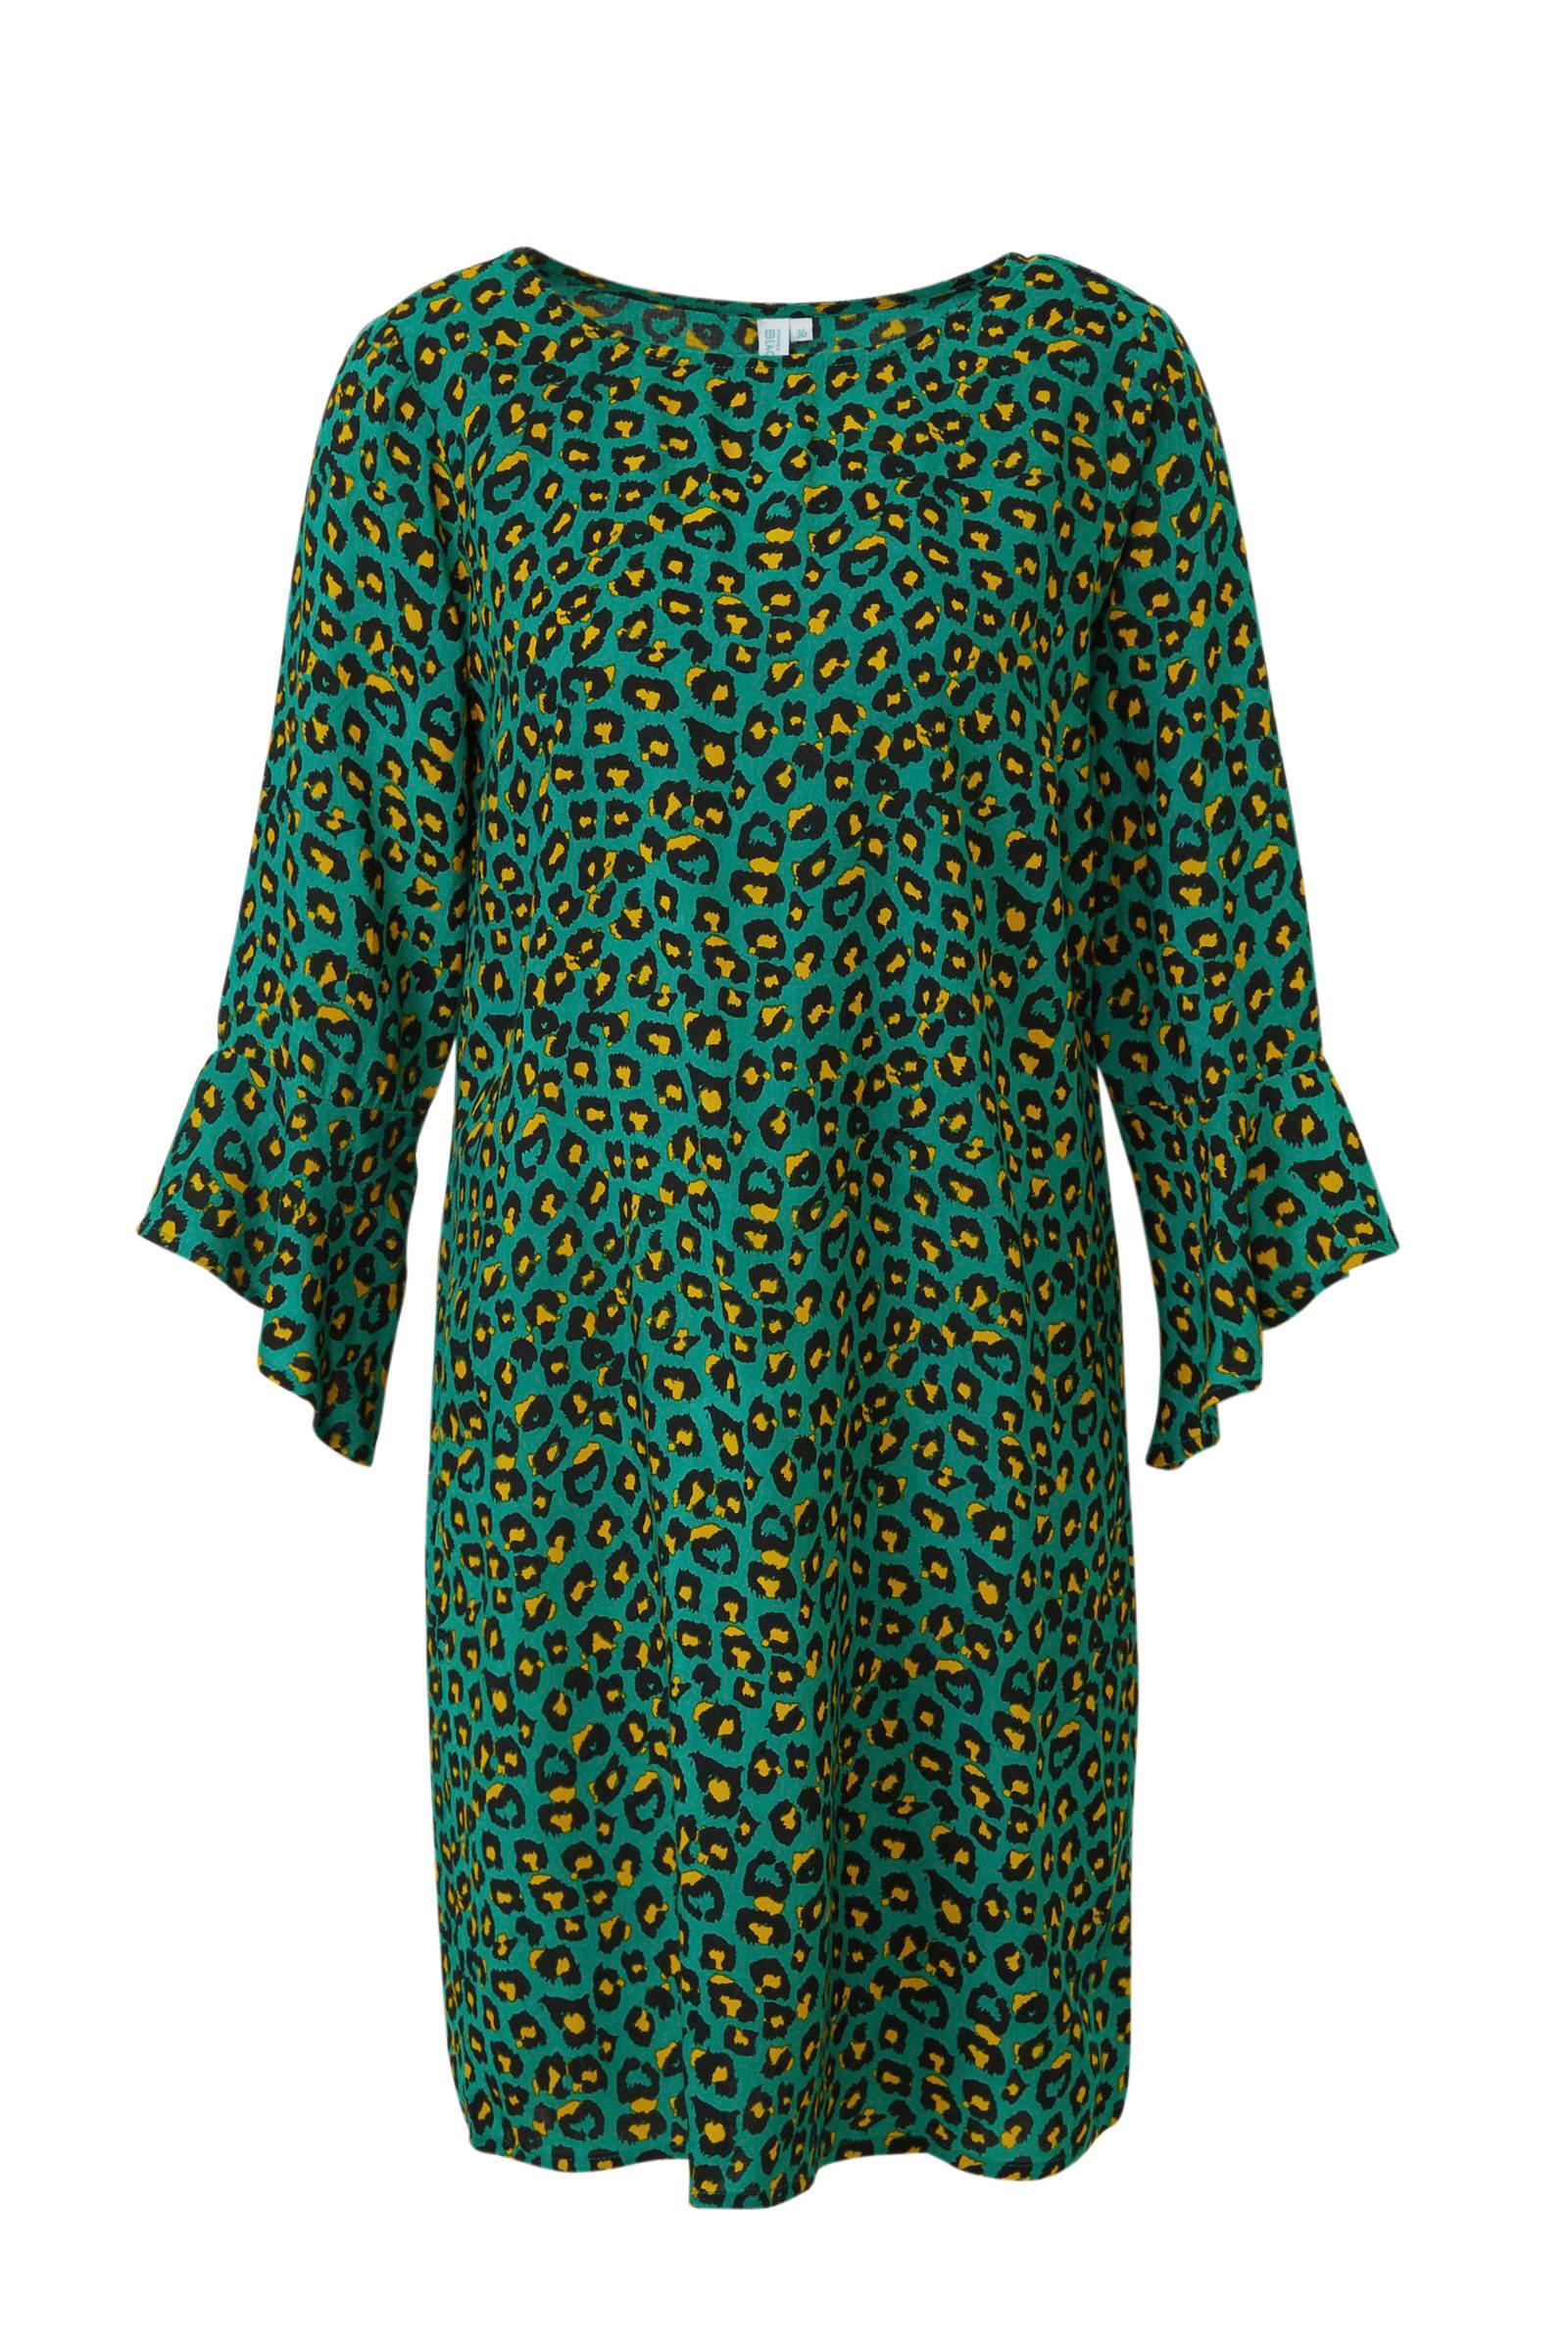 groene jurk wehkamp